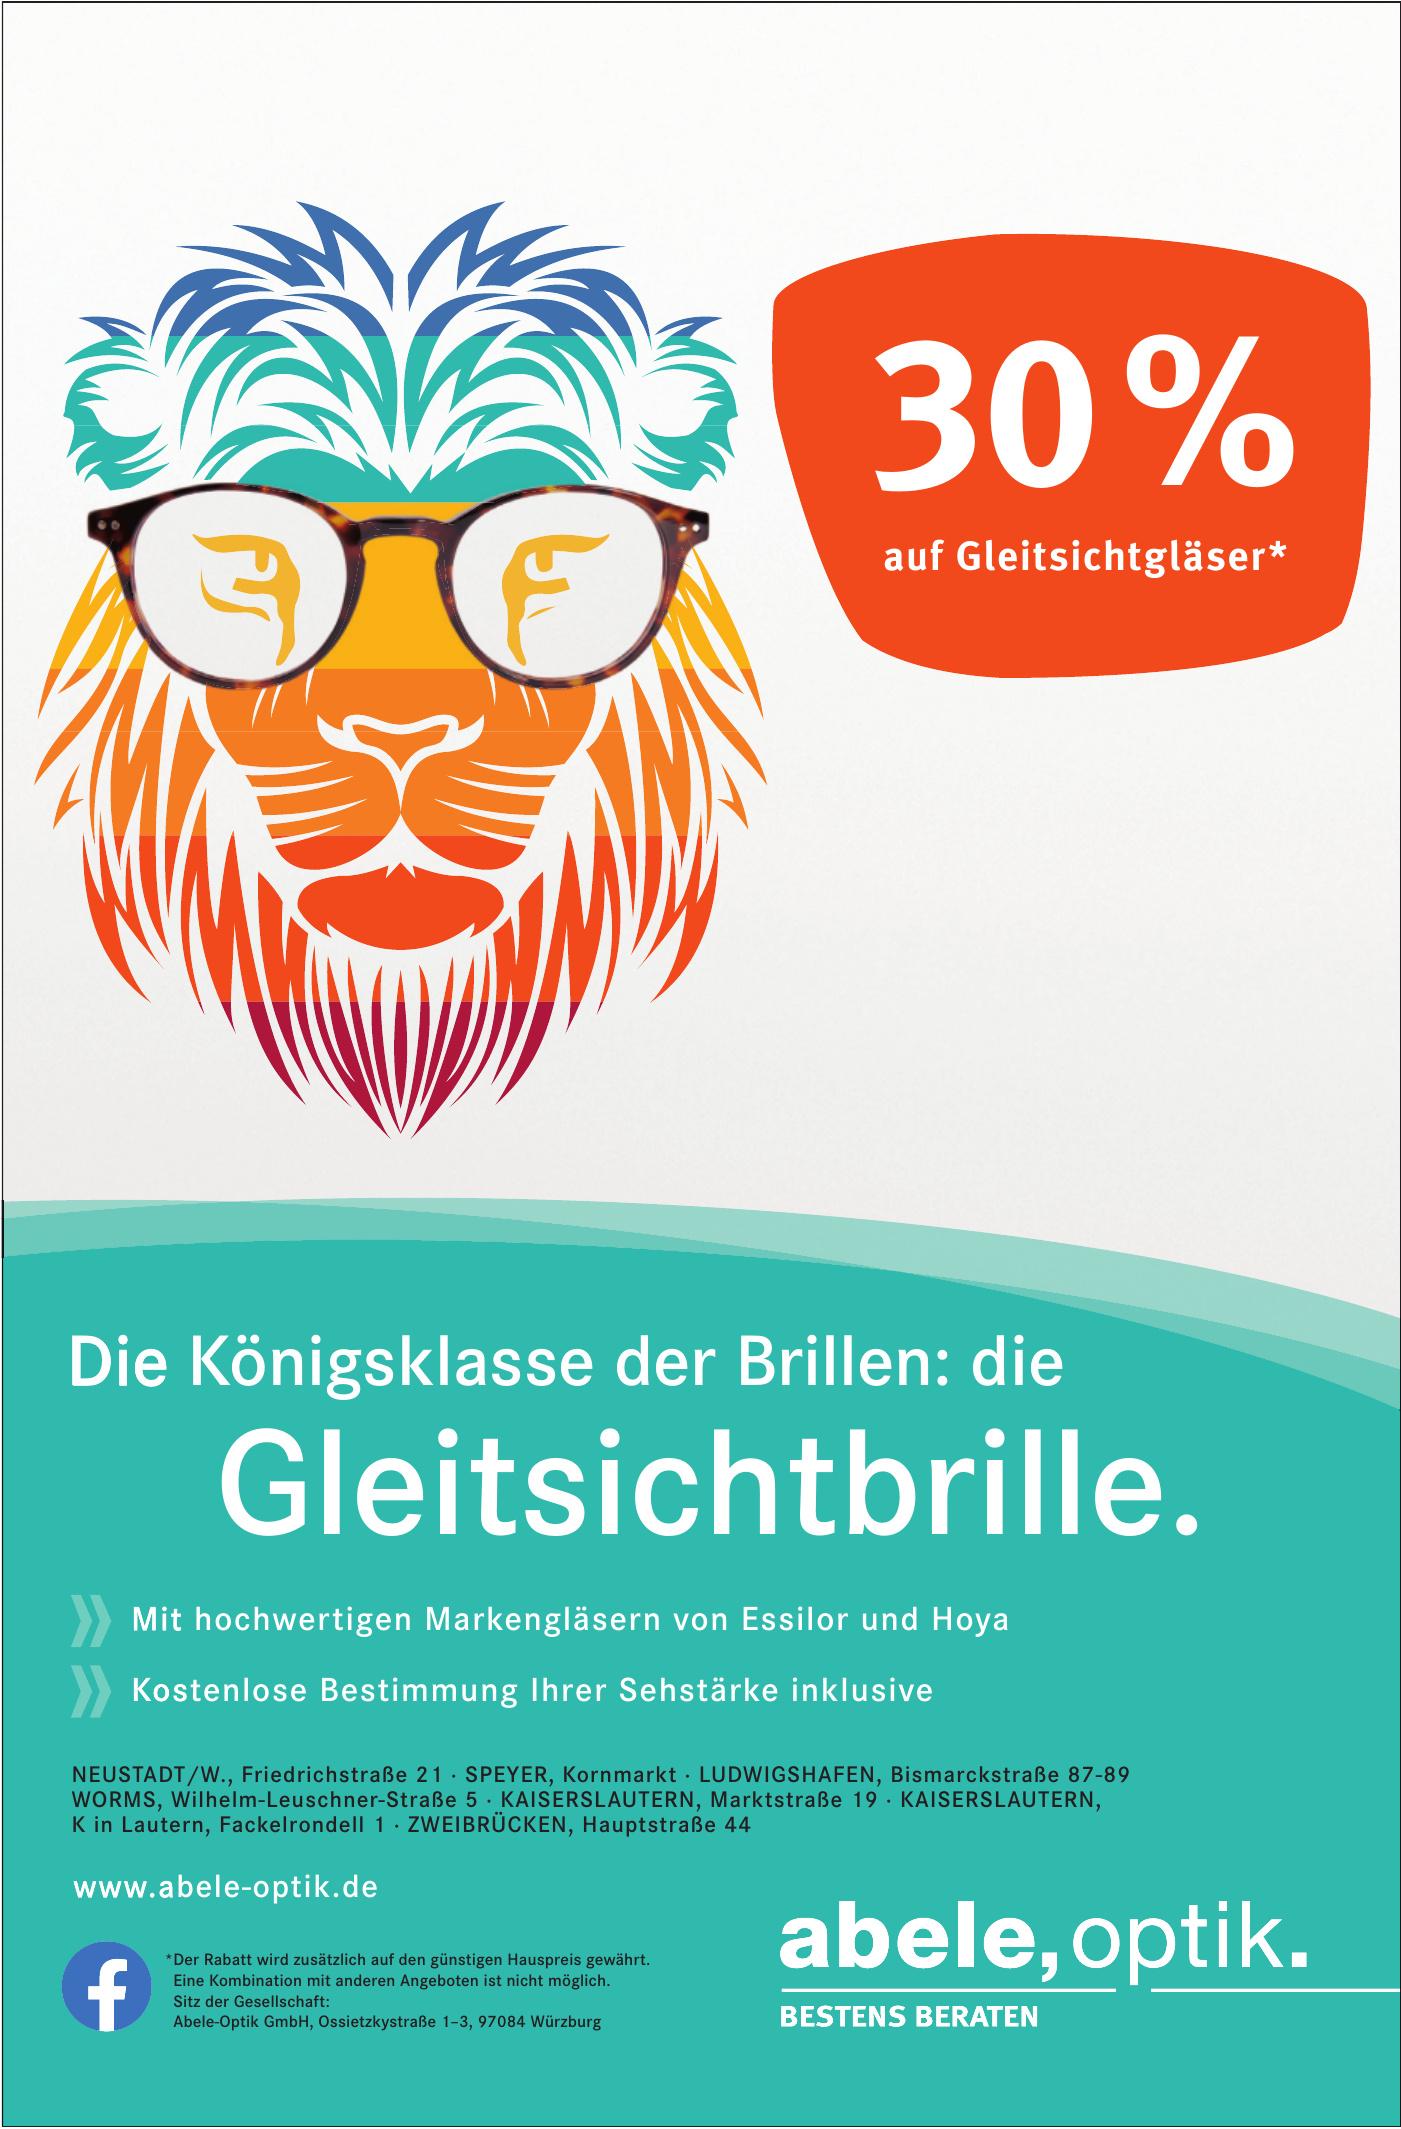 Abele-Optik GmbH